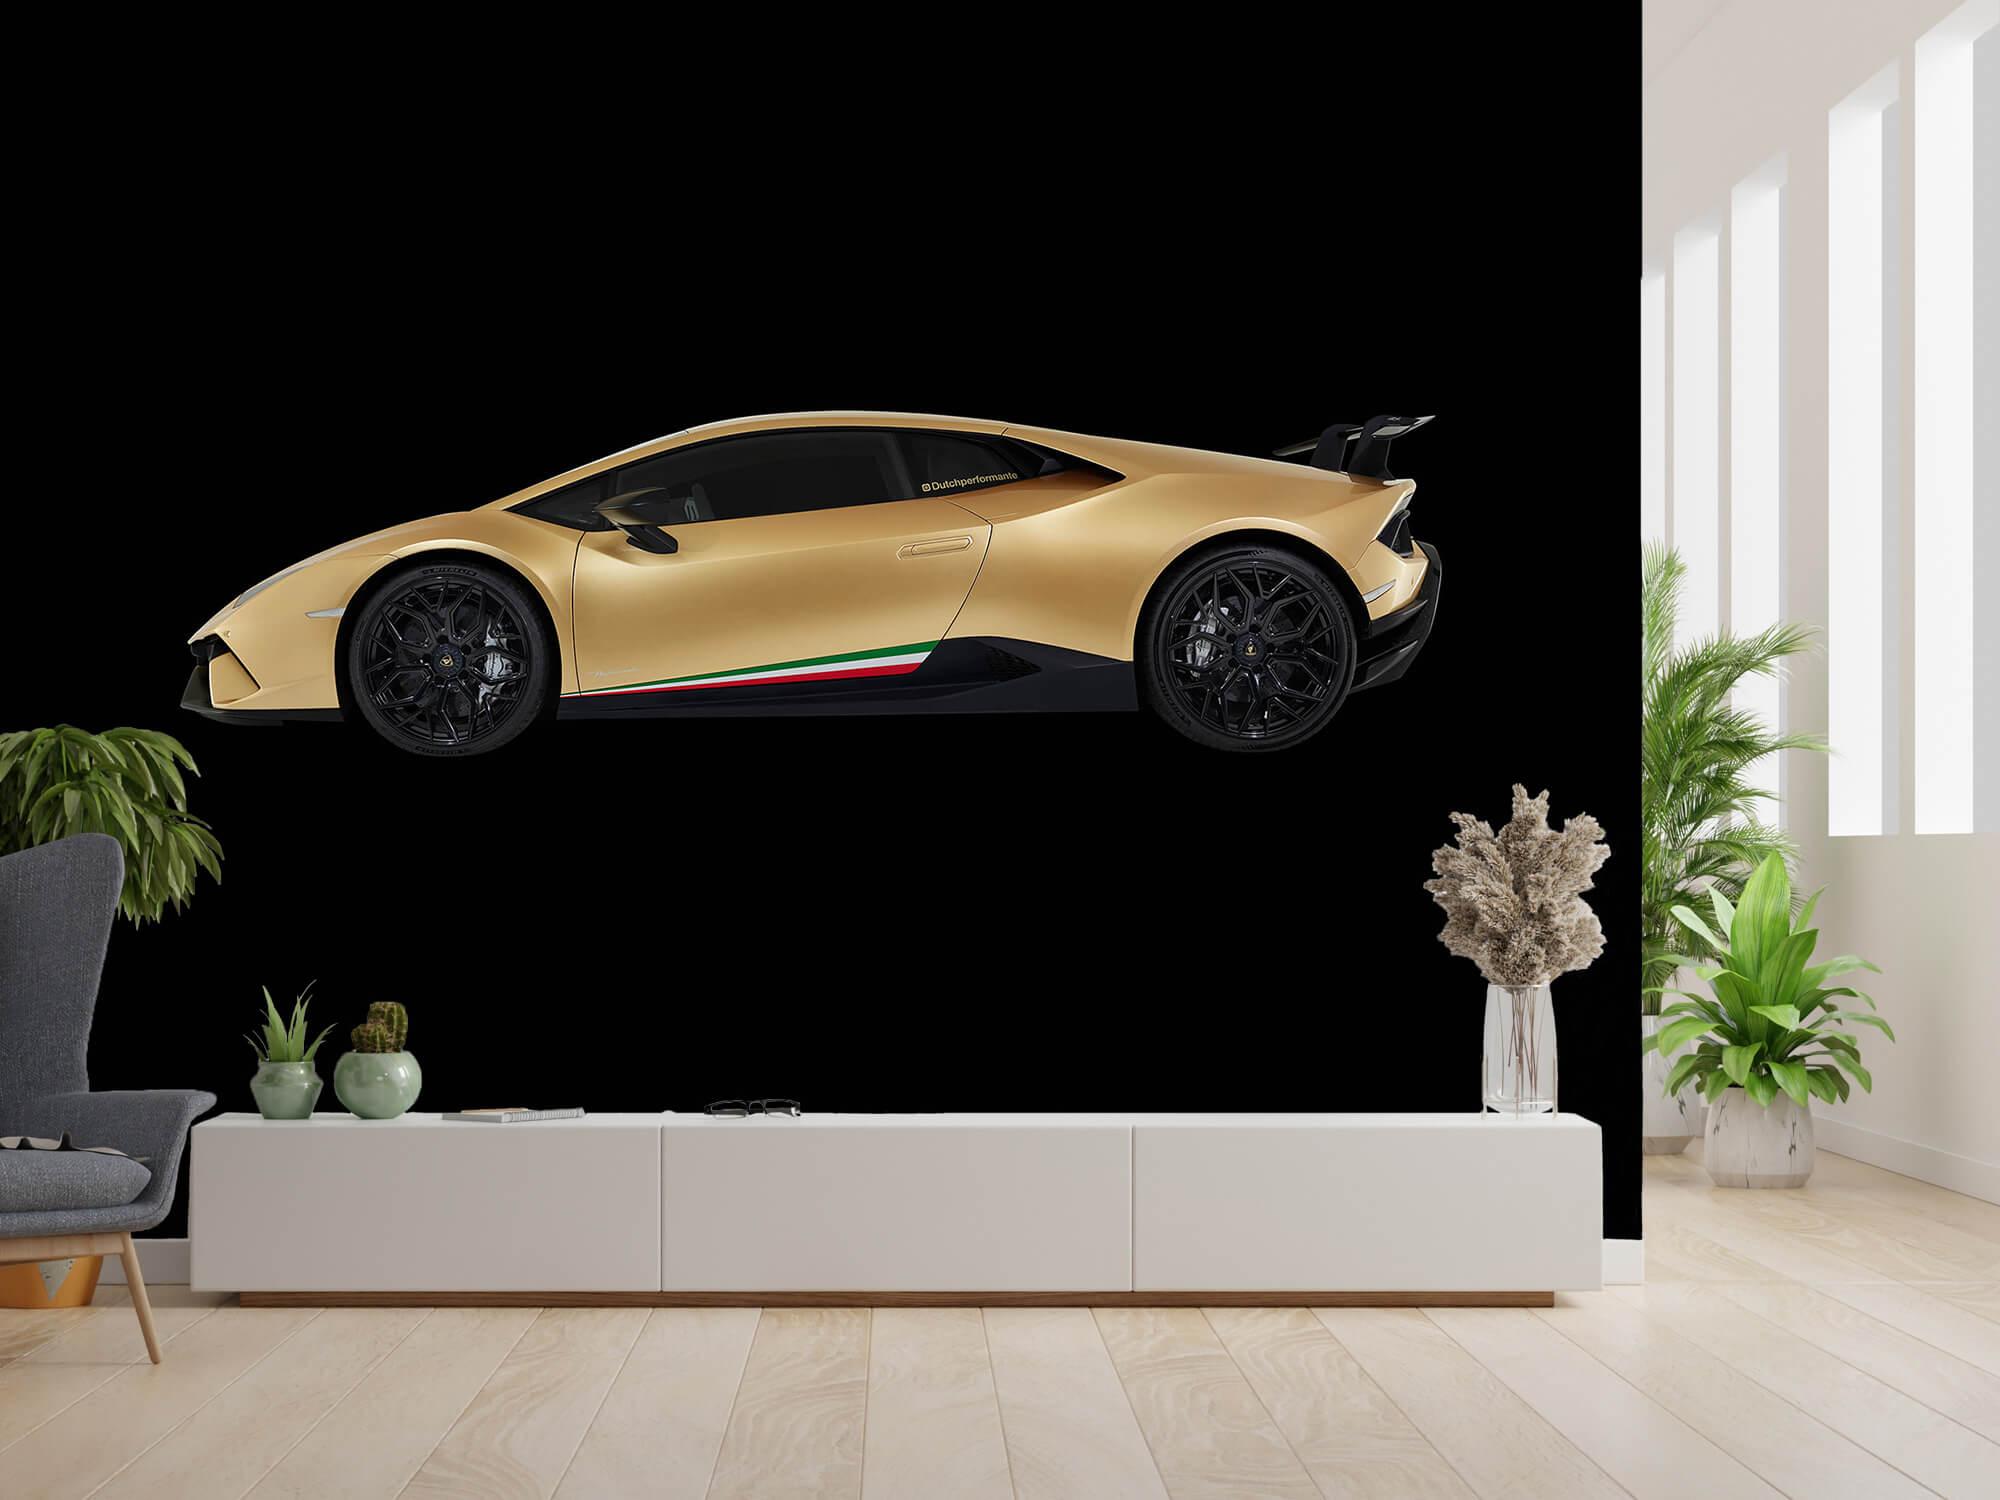 Wallpaper Lamborghini Huracán - Side, black 1